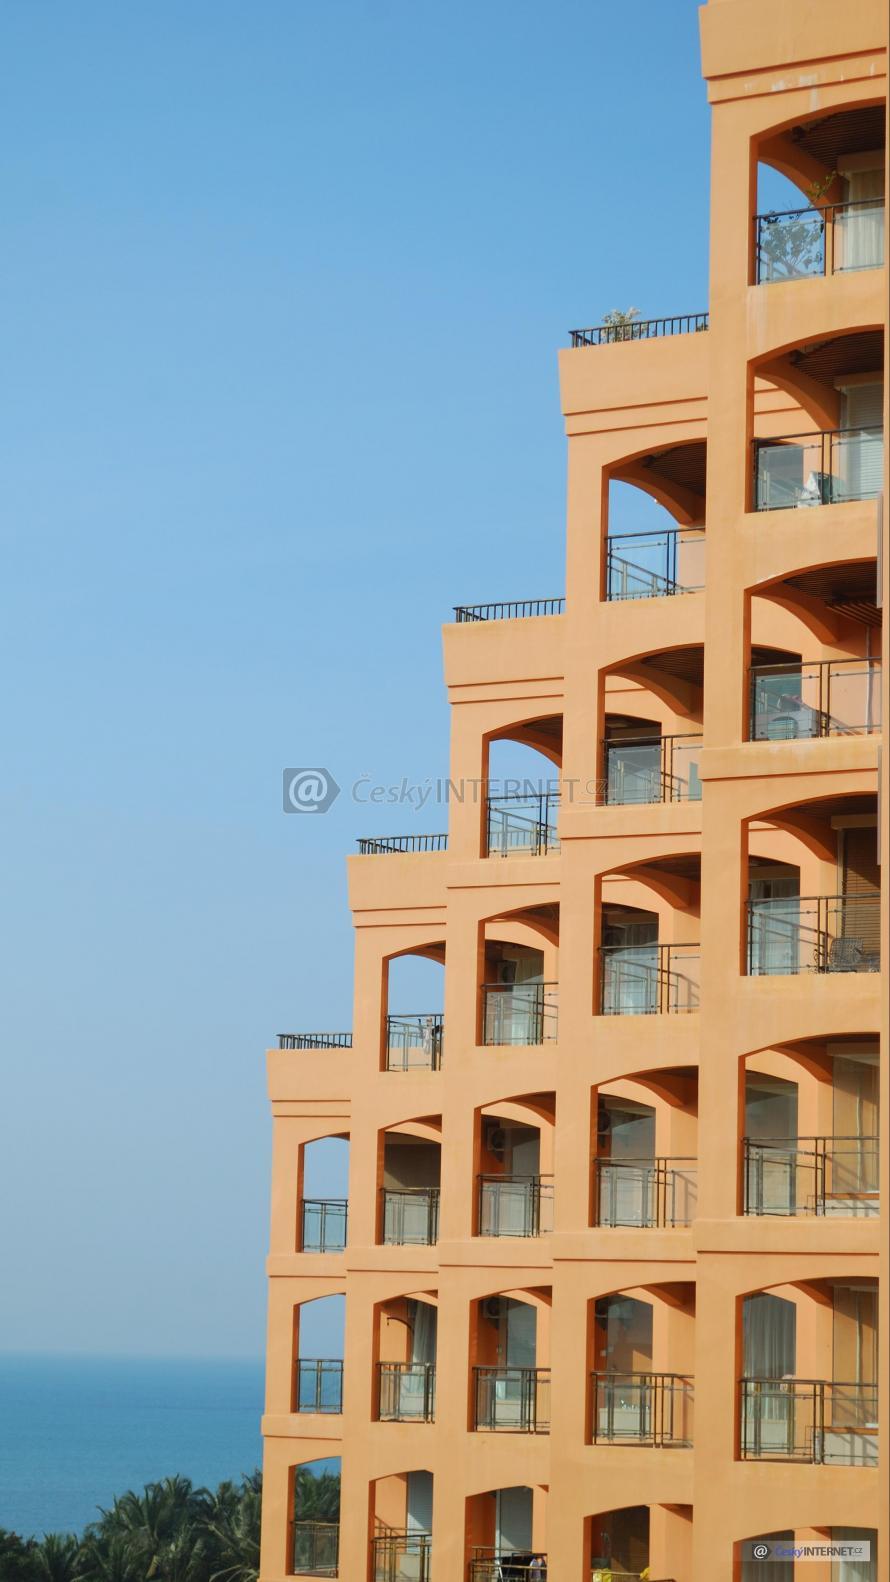 Moderní architektura, bytový dům, lodžie.